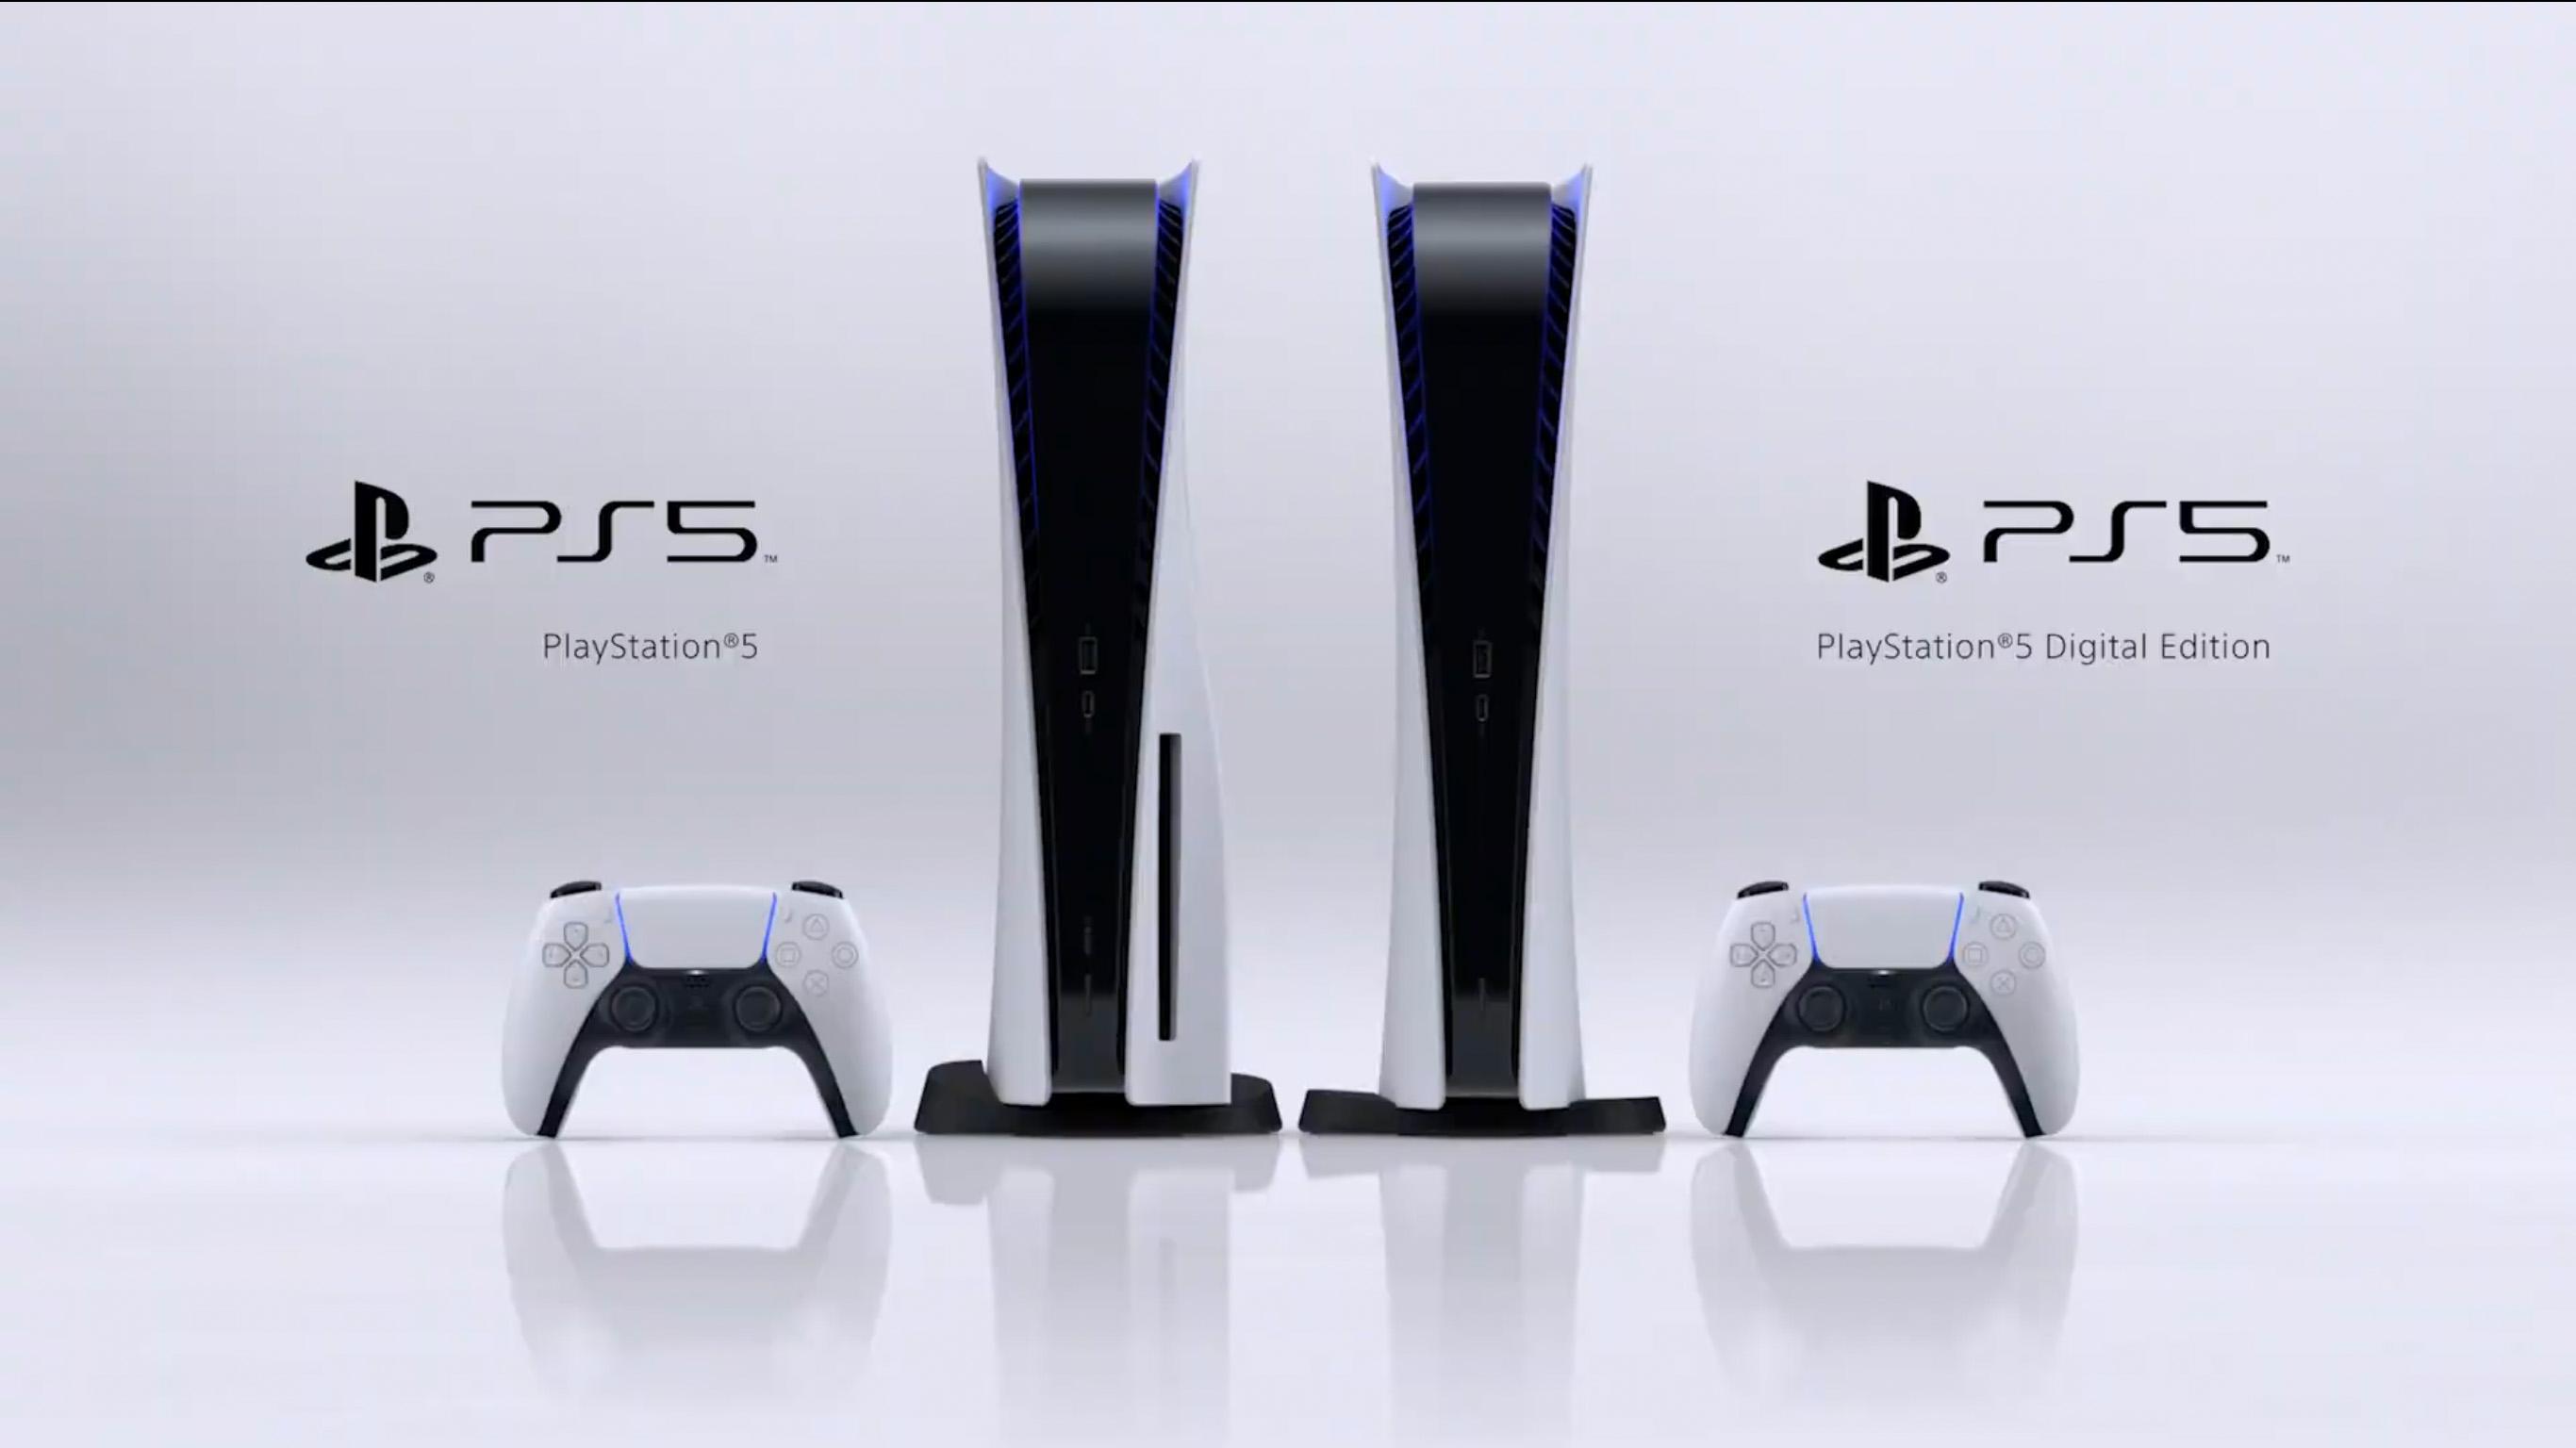 ソニー「PS5」の成否を左右する3つの特徴。「ドル箱」ゲーム事業の行末は | Business Insider Japan